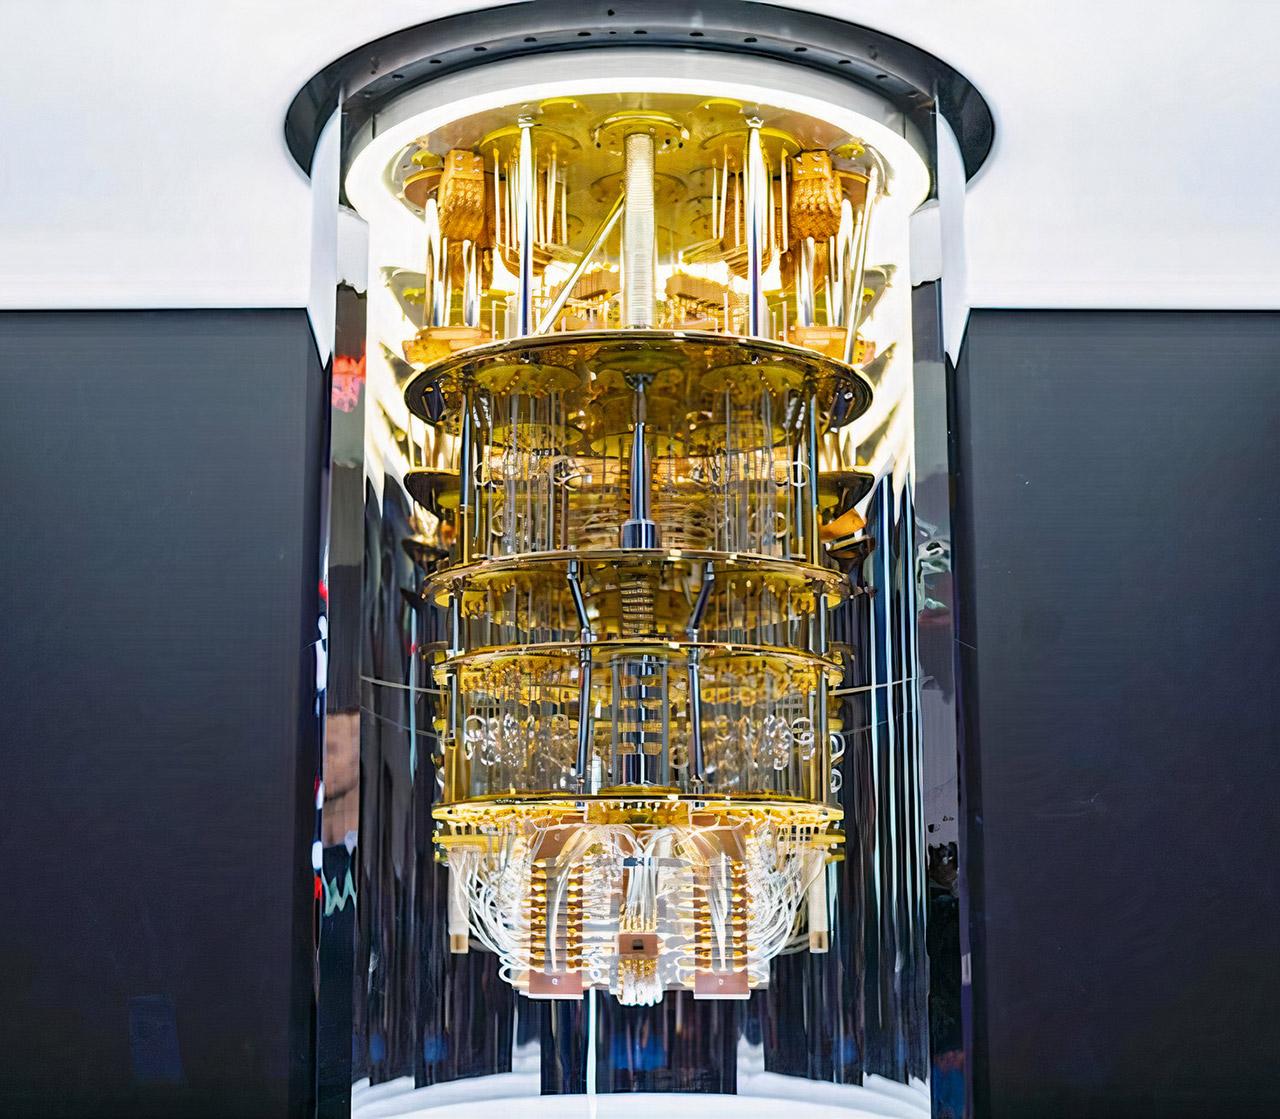 LapPt3P Rare Topological Superconductor Quantum Computing